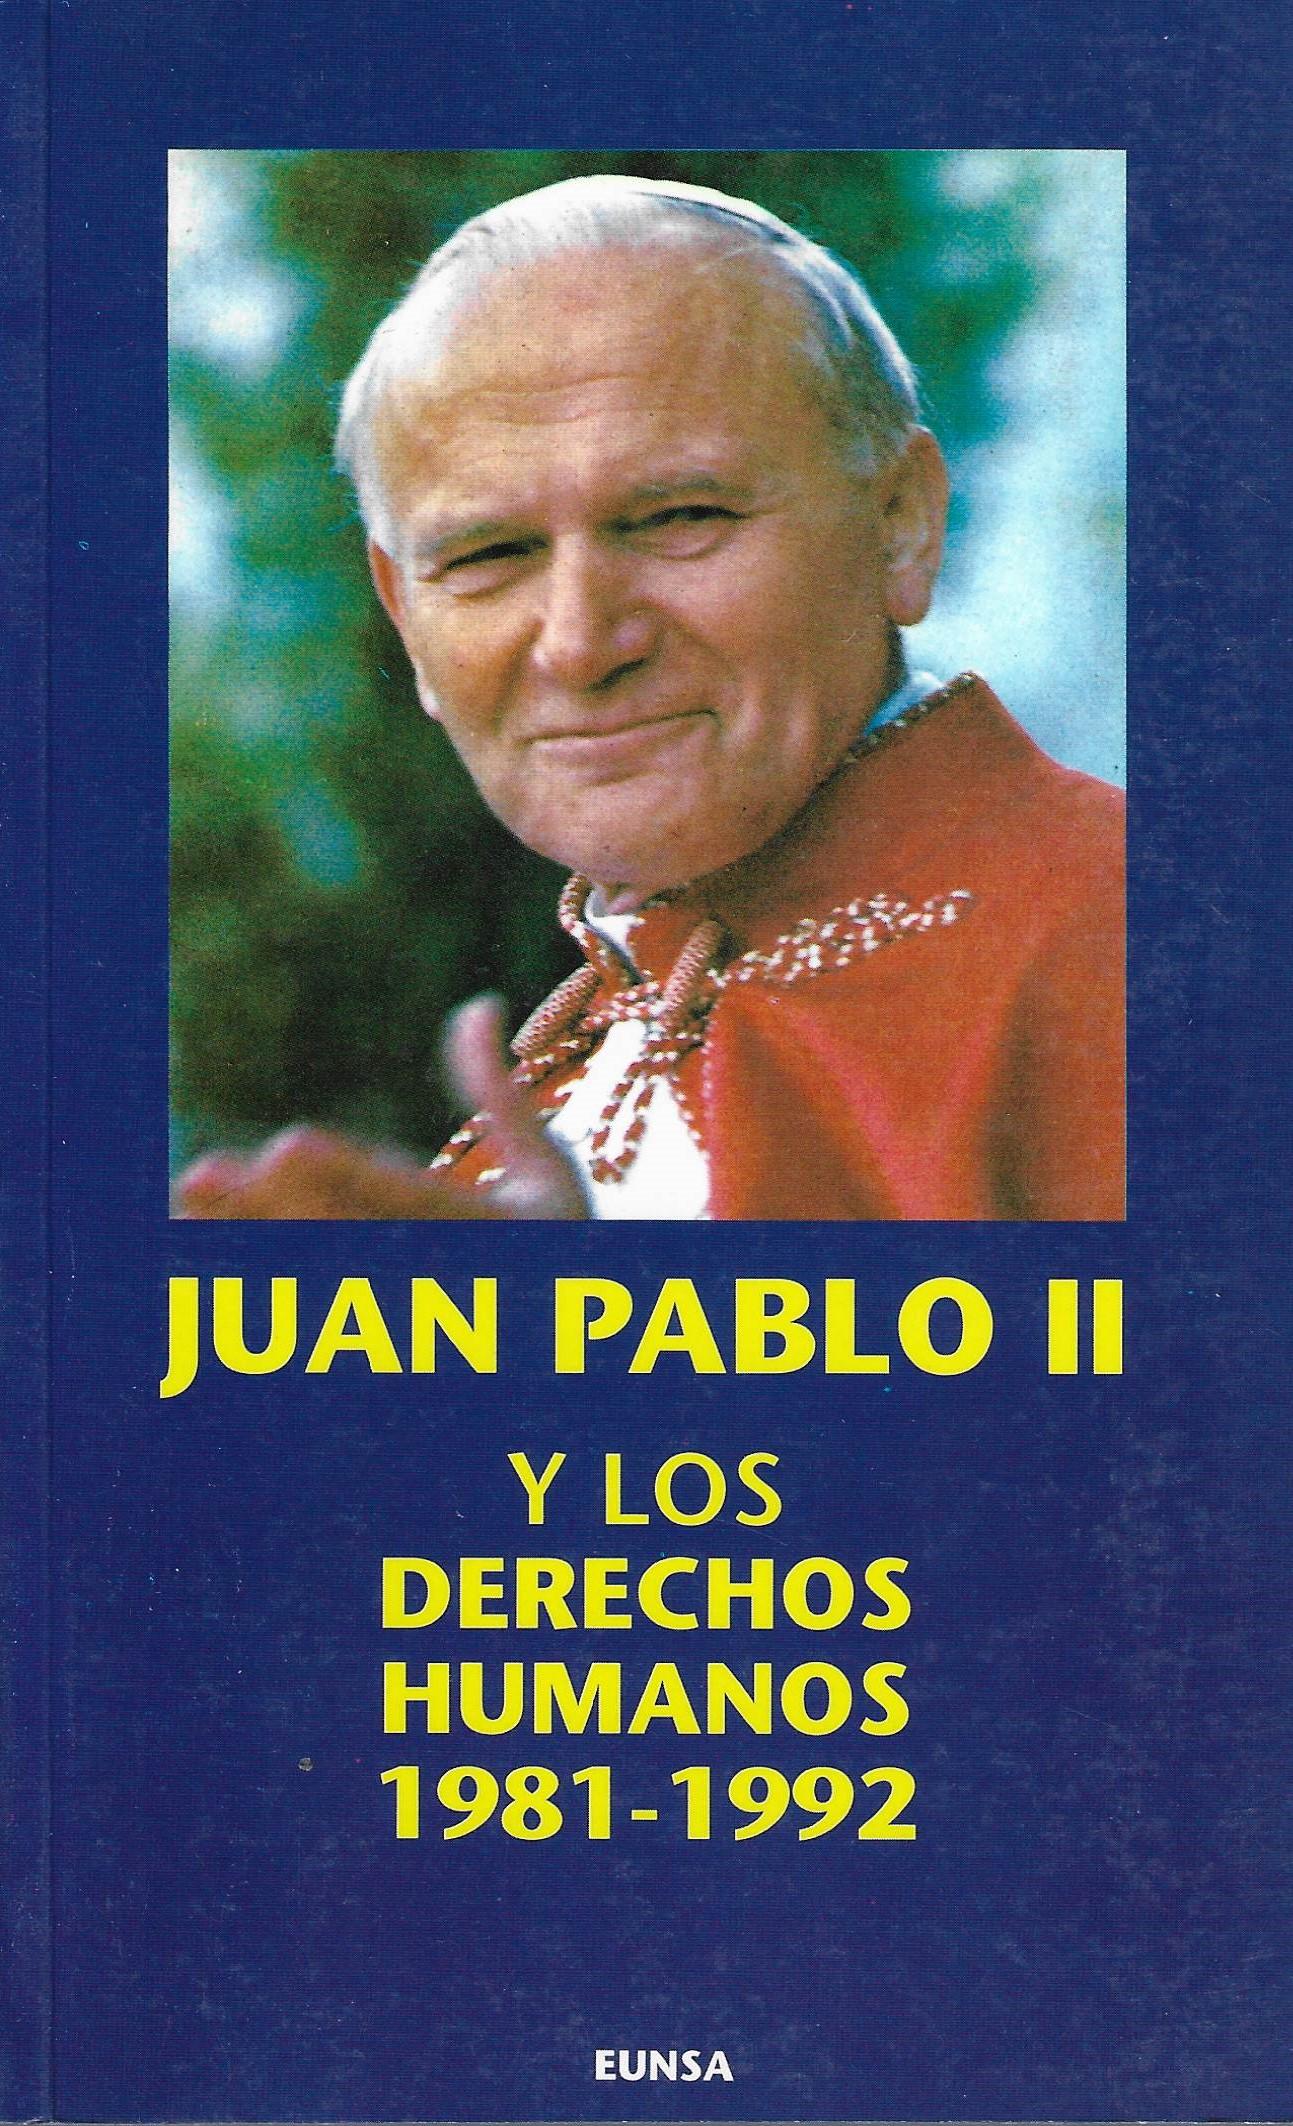 Juan Pablo II y los derechos humanos (1981-1992 )